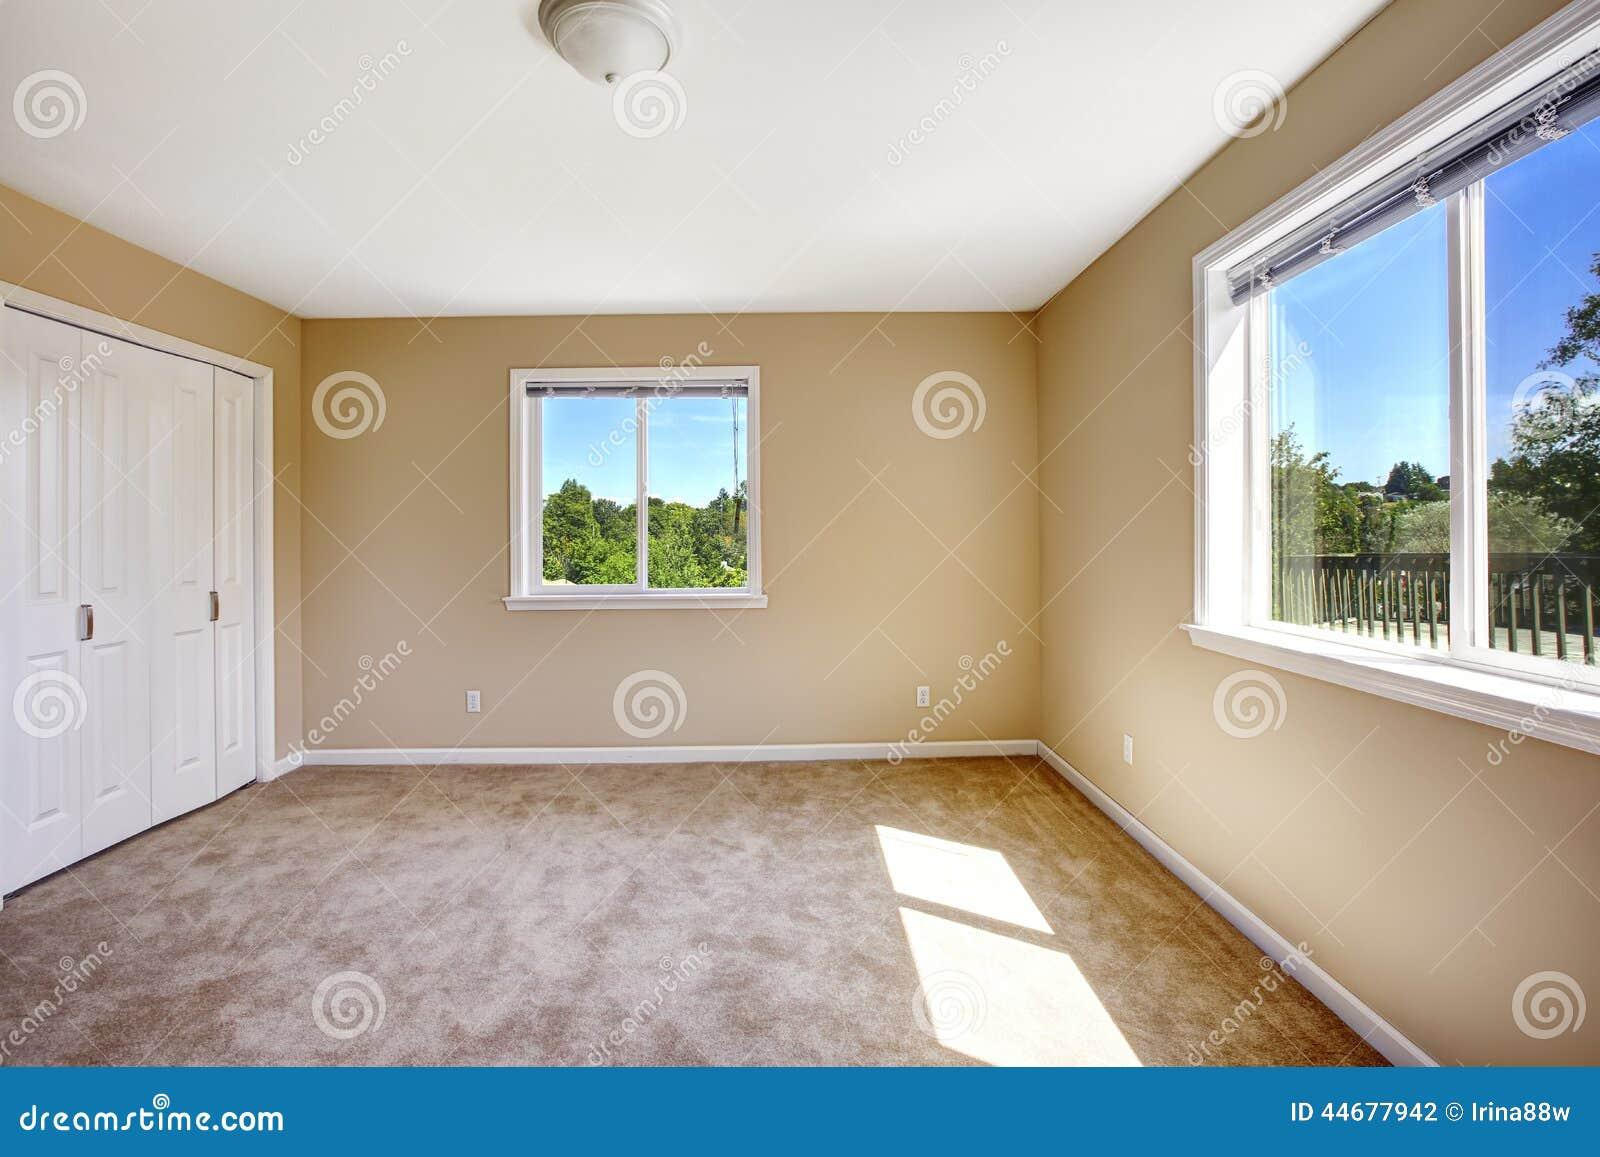 Casa Vazia Sala Com O Assoalho De Tapete Na Cor Bege Macia